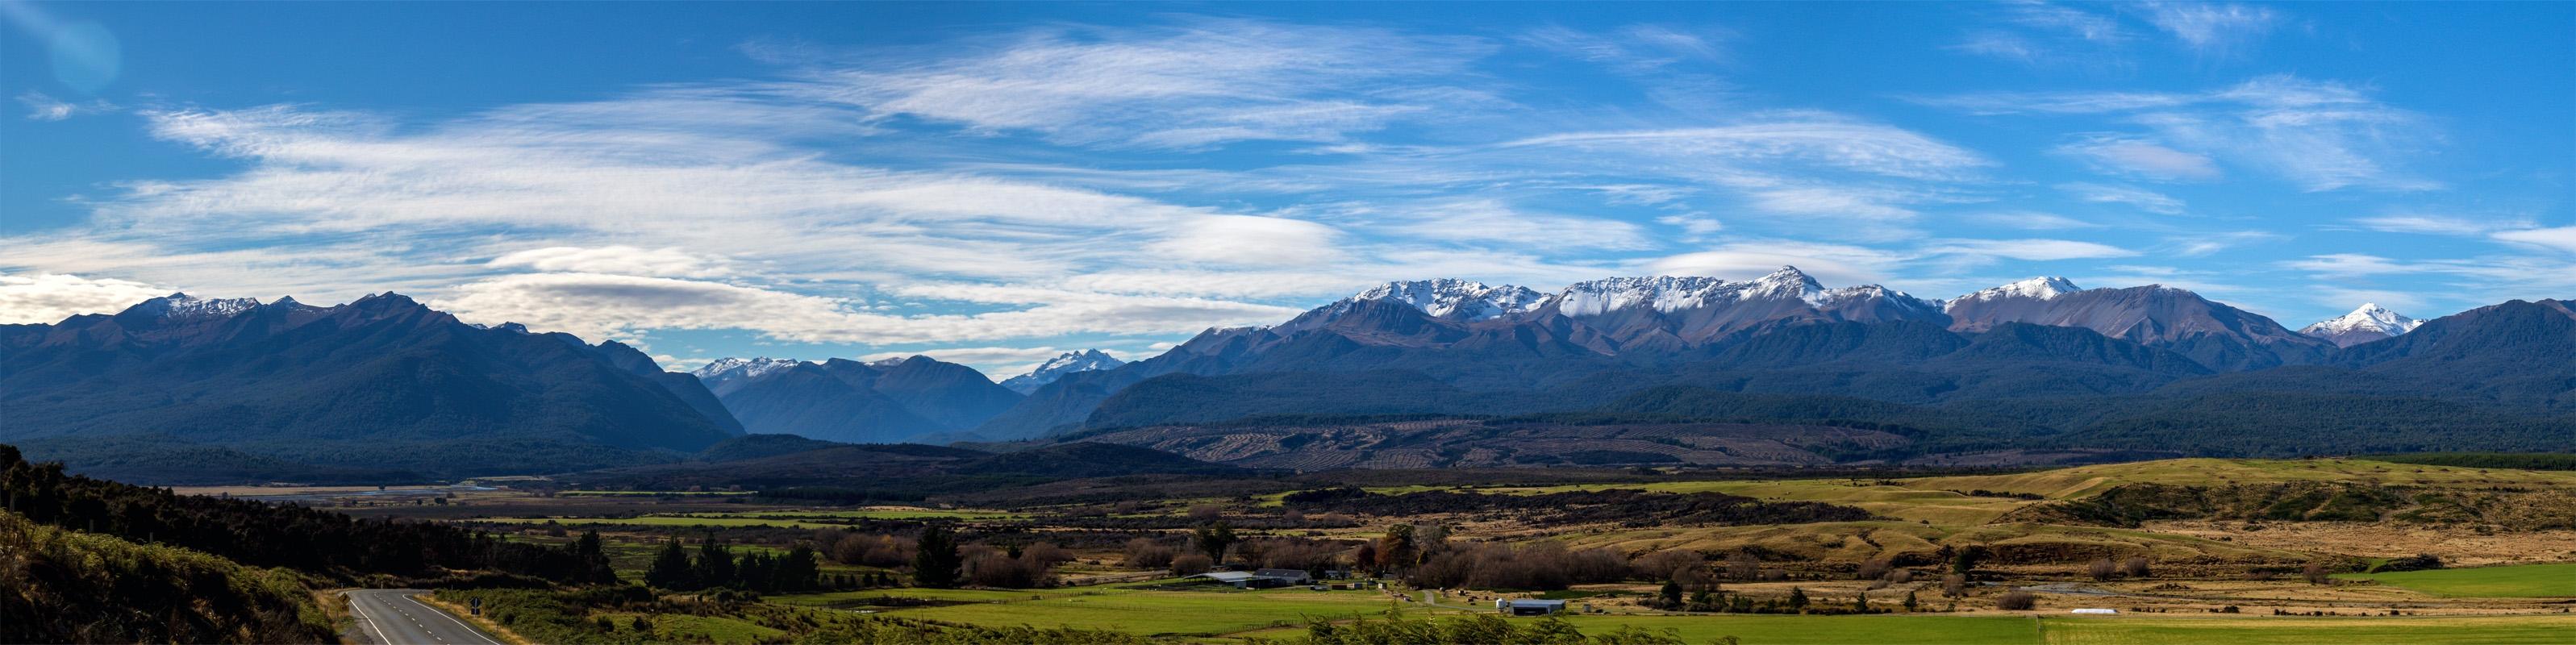 Panóramica de las montañas de la isla sur, Nueva Zelanda